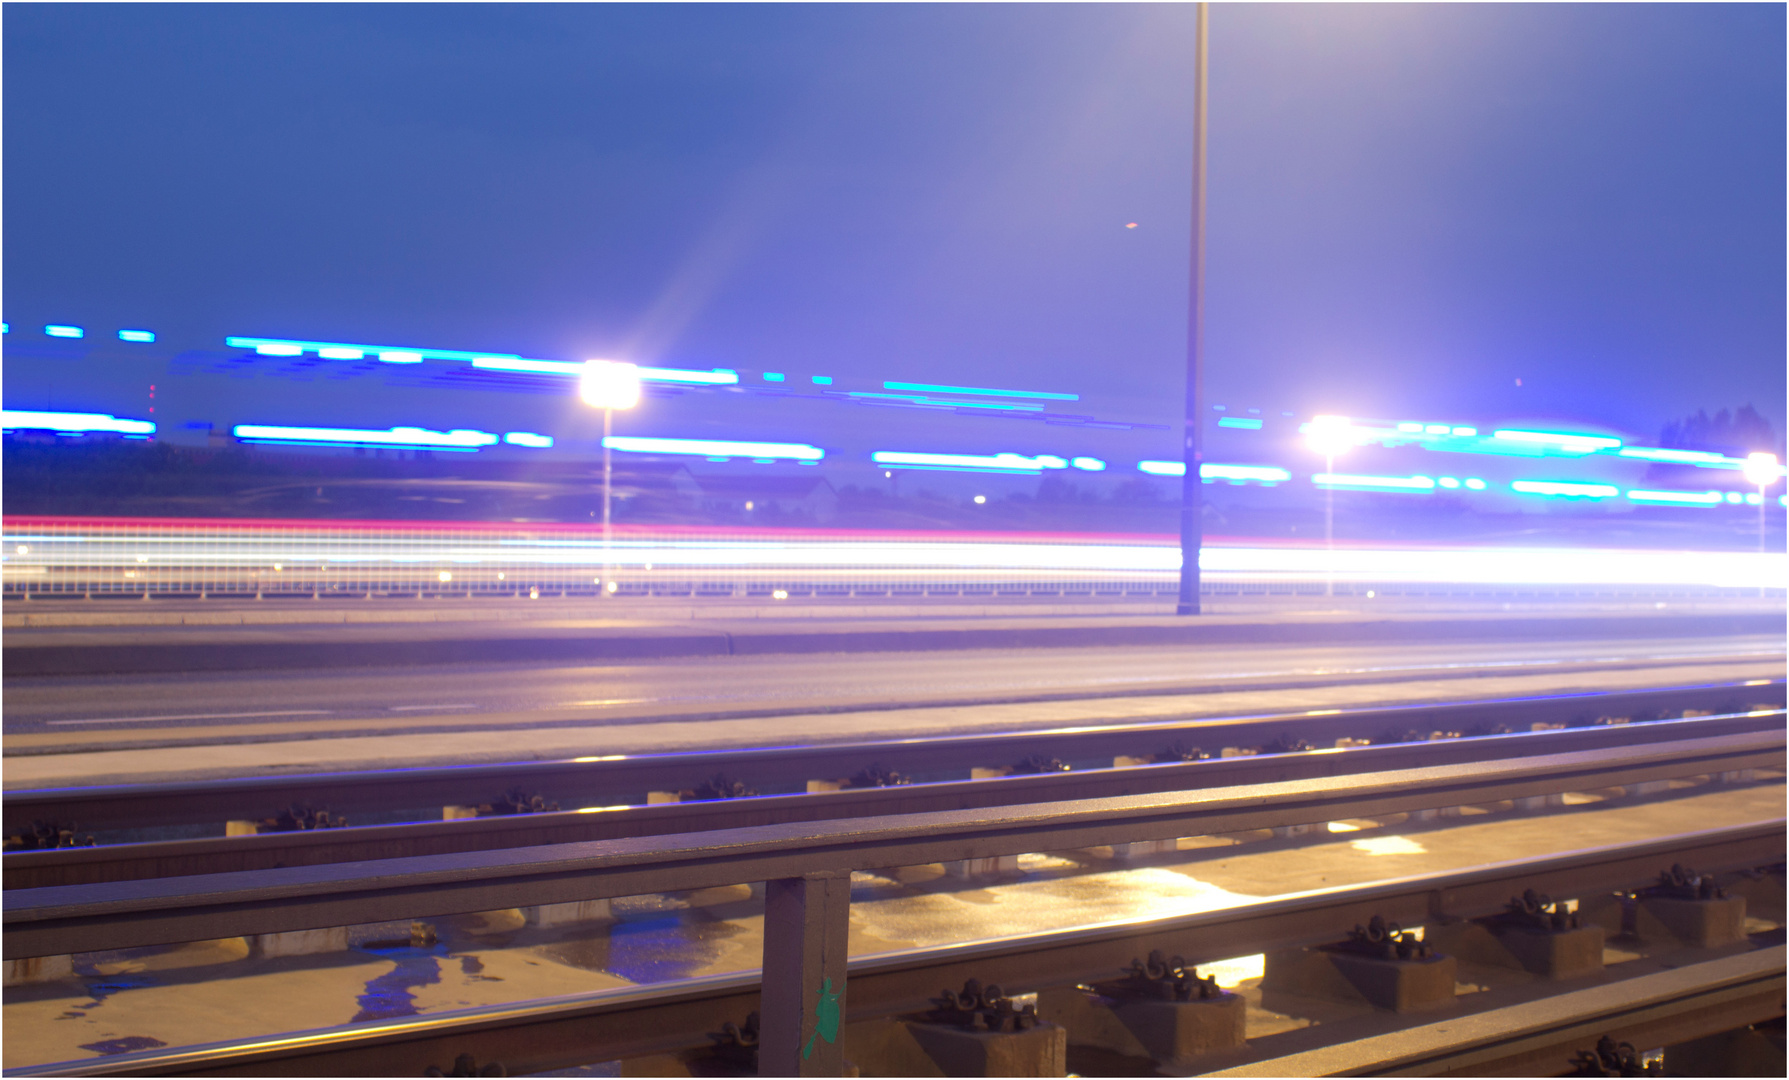 Mit Blaulicht durchs Bild